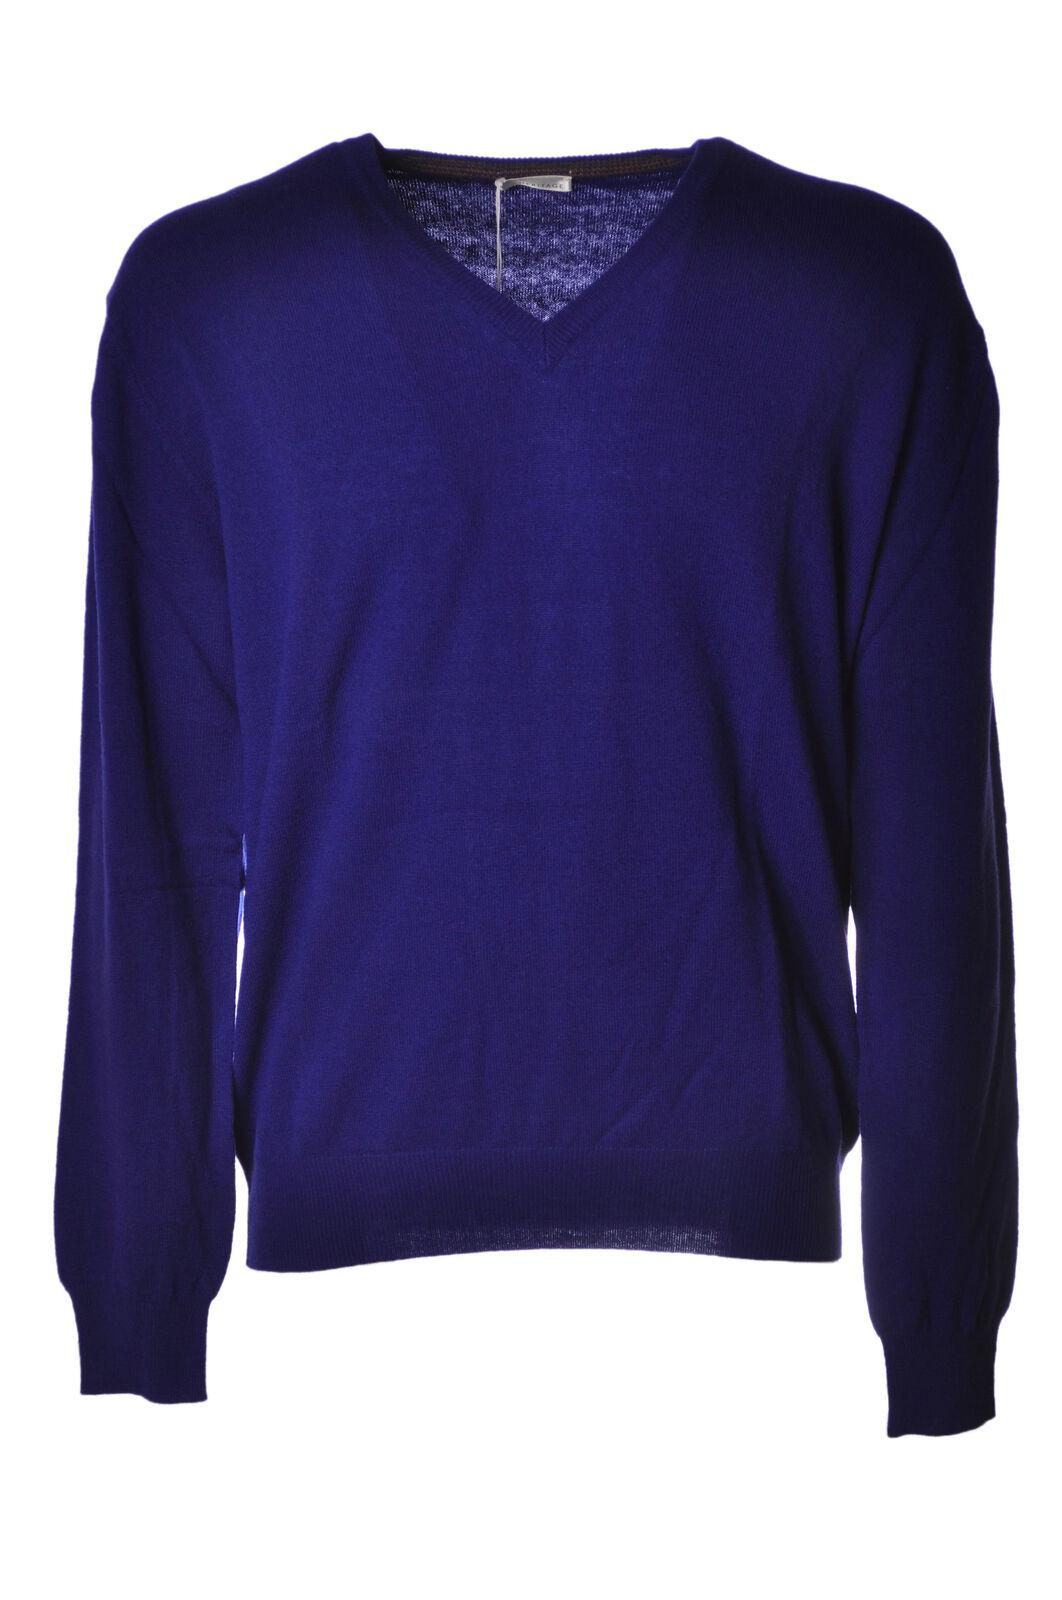 Heritage - Knitwear-Sweaters - Man - bluee - 4639428M183951